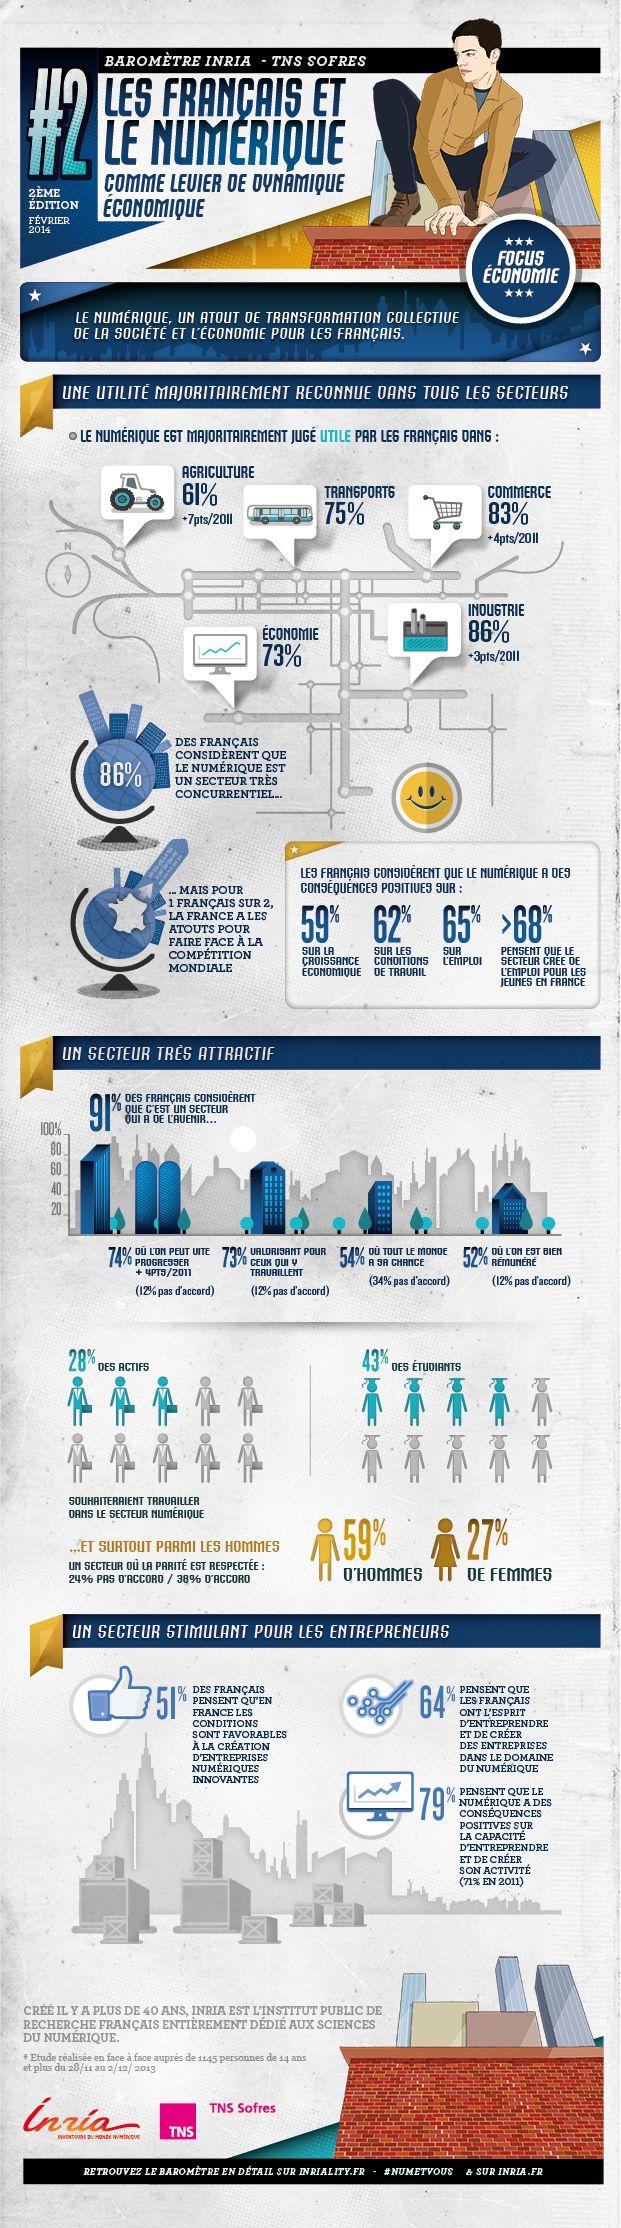 > Infographie : Les Français et le numérique Le focus économie de l'édition 2014 du Baromètre Inria, à découvrir en infographie. #NumEtVous